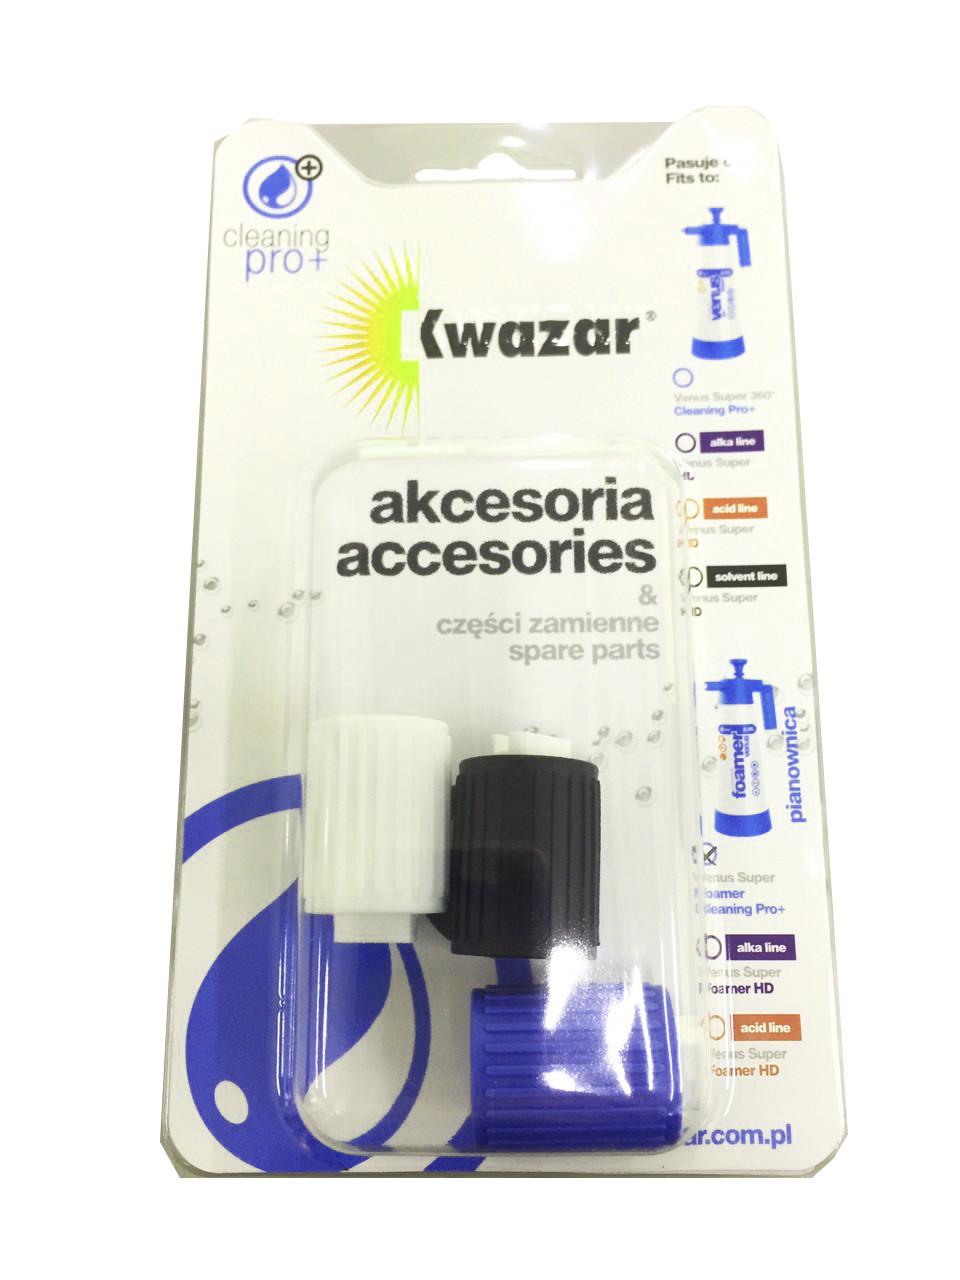 Насадка для пеногенератора - Kwazar Venus Super Foamer (3 шт. в упаковке)